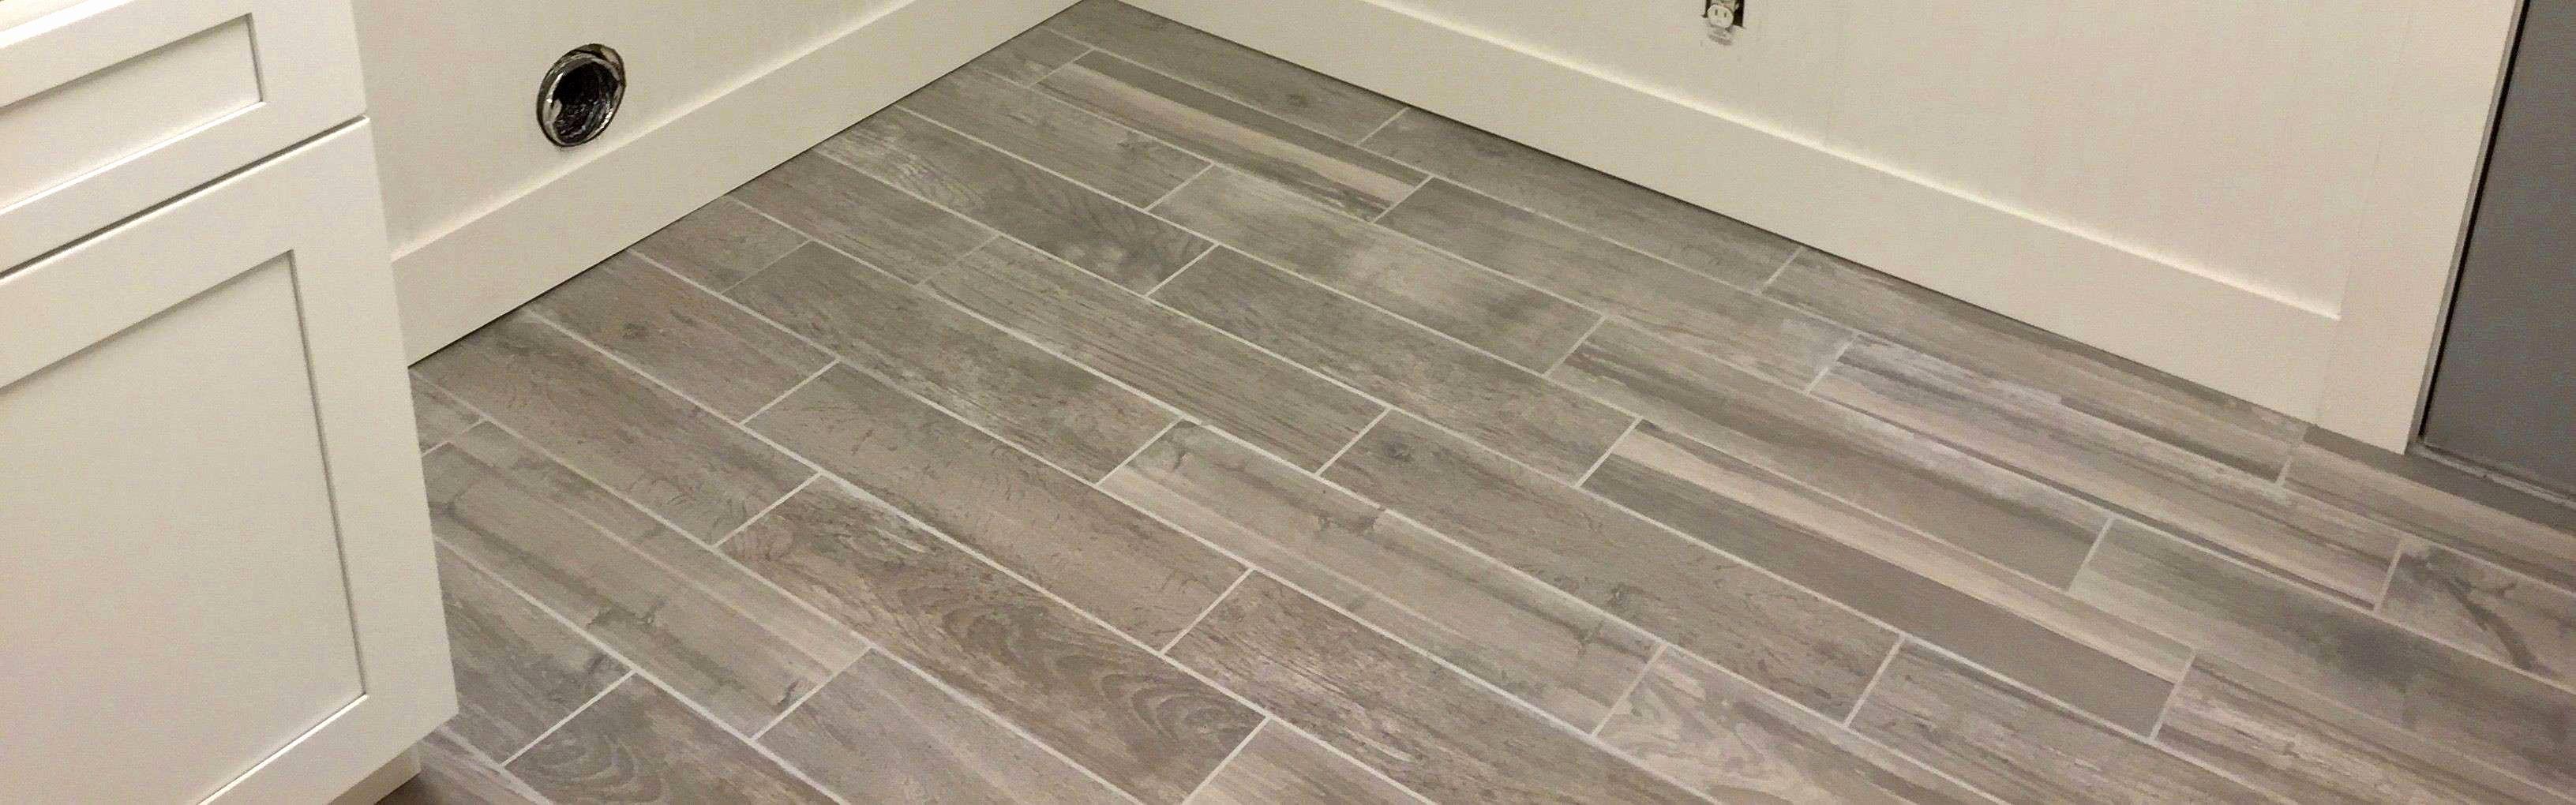 js hardwood flooring of floor installer 50 inspirational how to redo hardwood floors 50 s regarding floor installer 50 inspirational how to redo hardwood floors 50 s